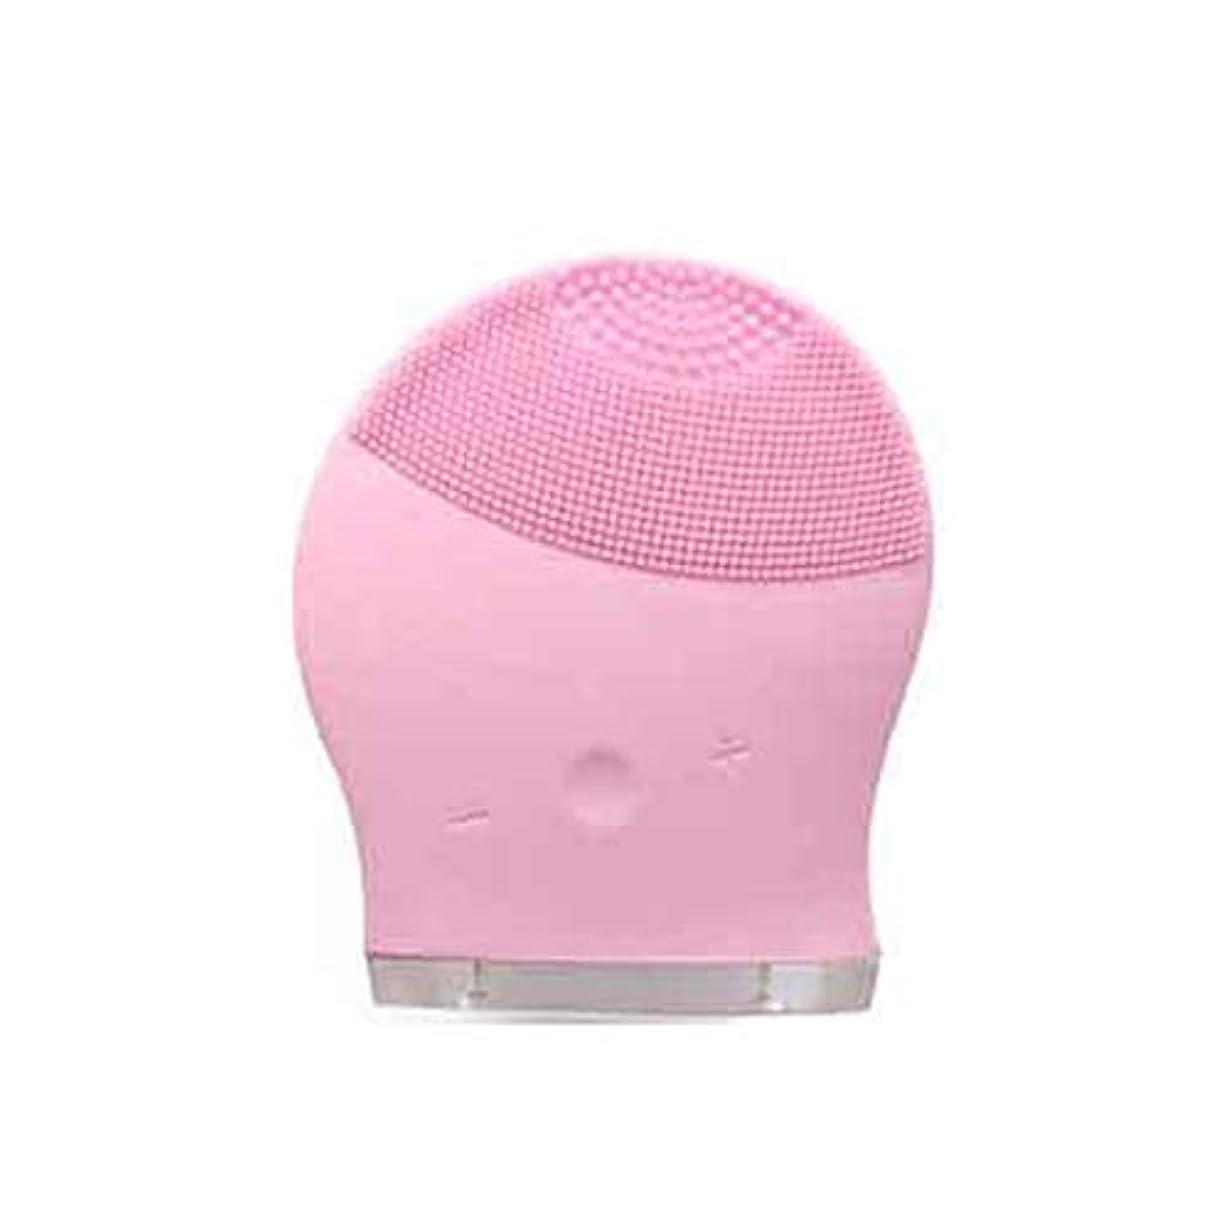 新しさ貴重な委員長CAFUTY 超音波電気防水クレンジングデバイスの顔の除染孔クレンジングクレンジングデバイス (Color : ブルー)